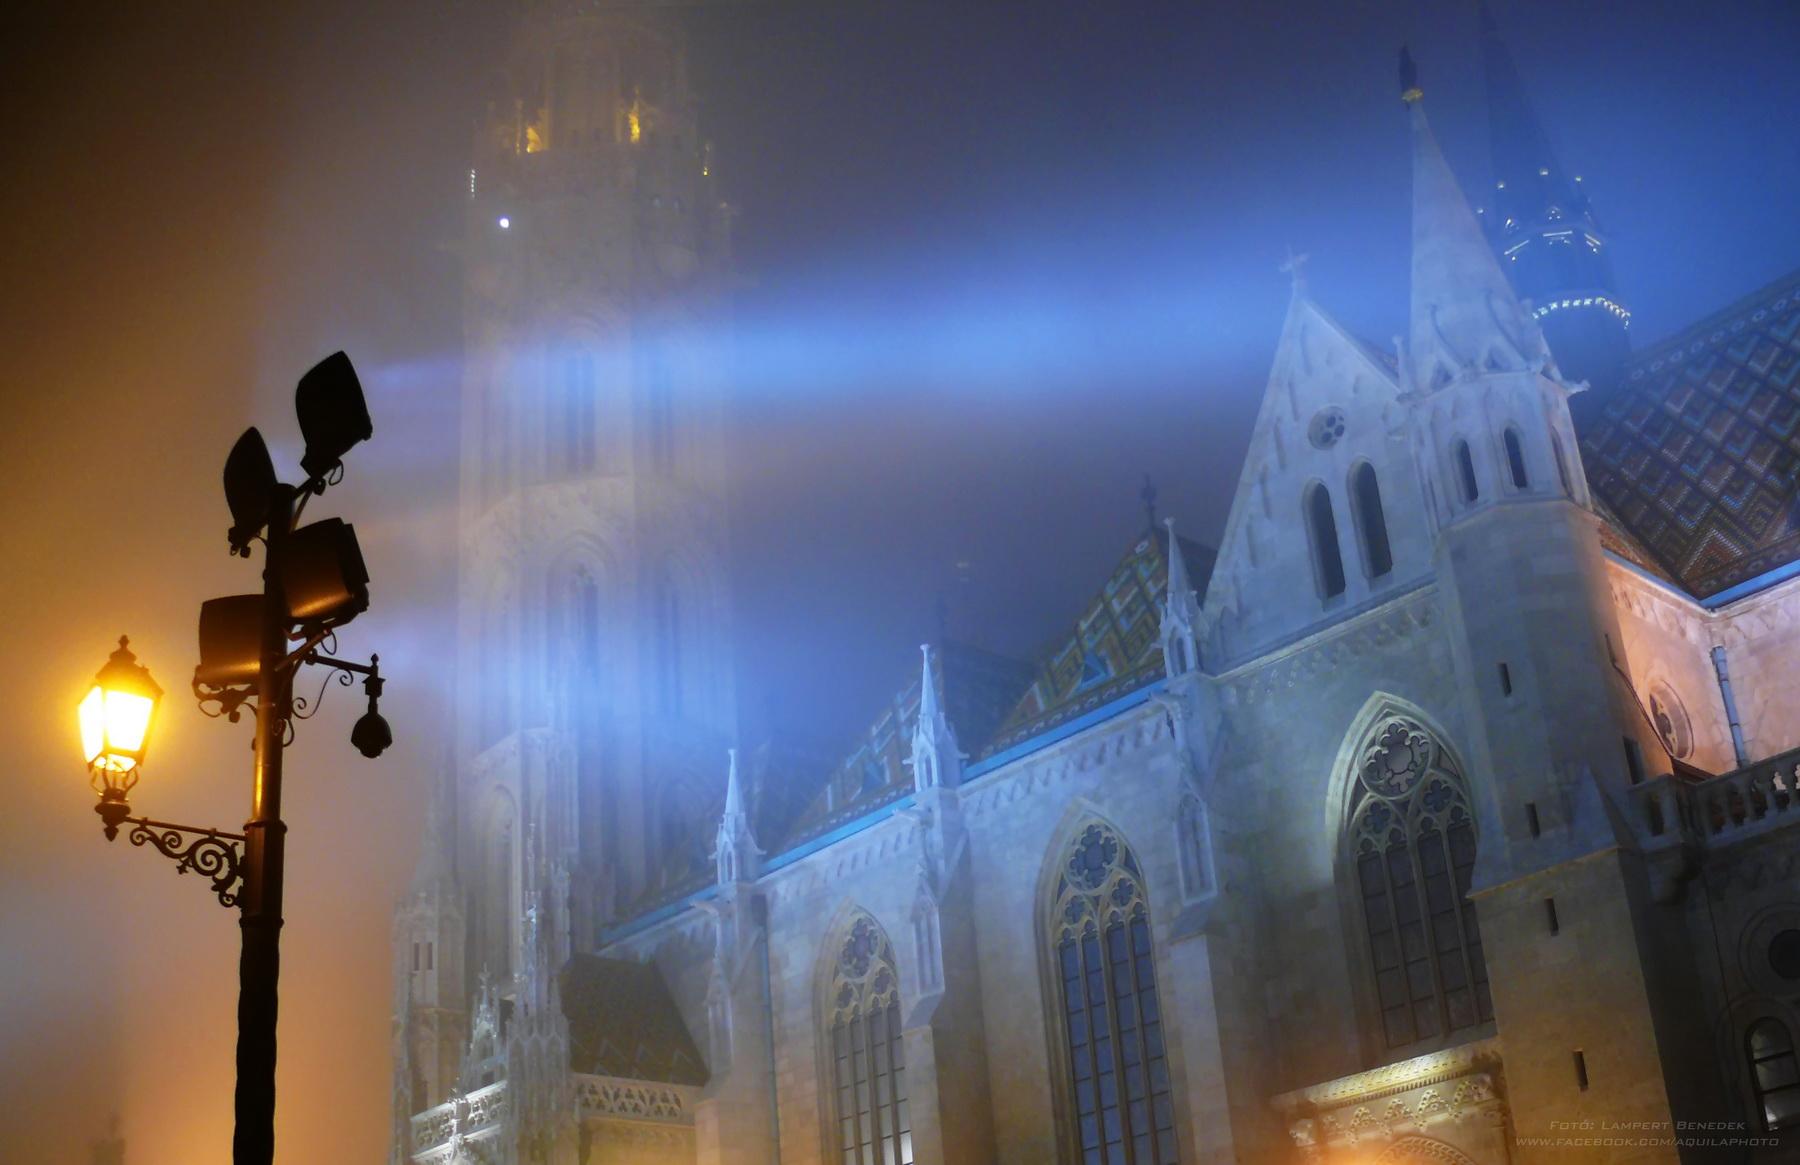 Szilveszter este a várban. Az enyhe köd és a fények egészen sejtelmesen világítják meg a Mátyás templomot.